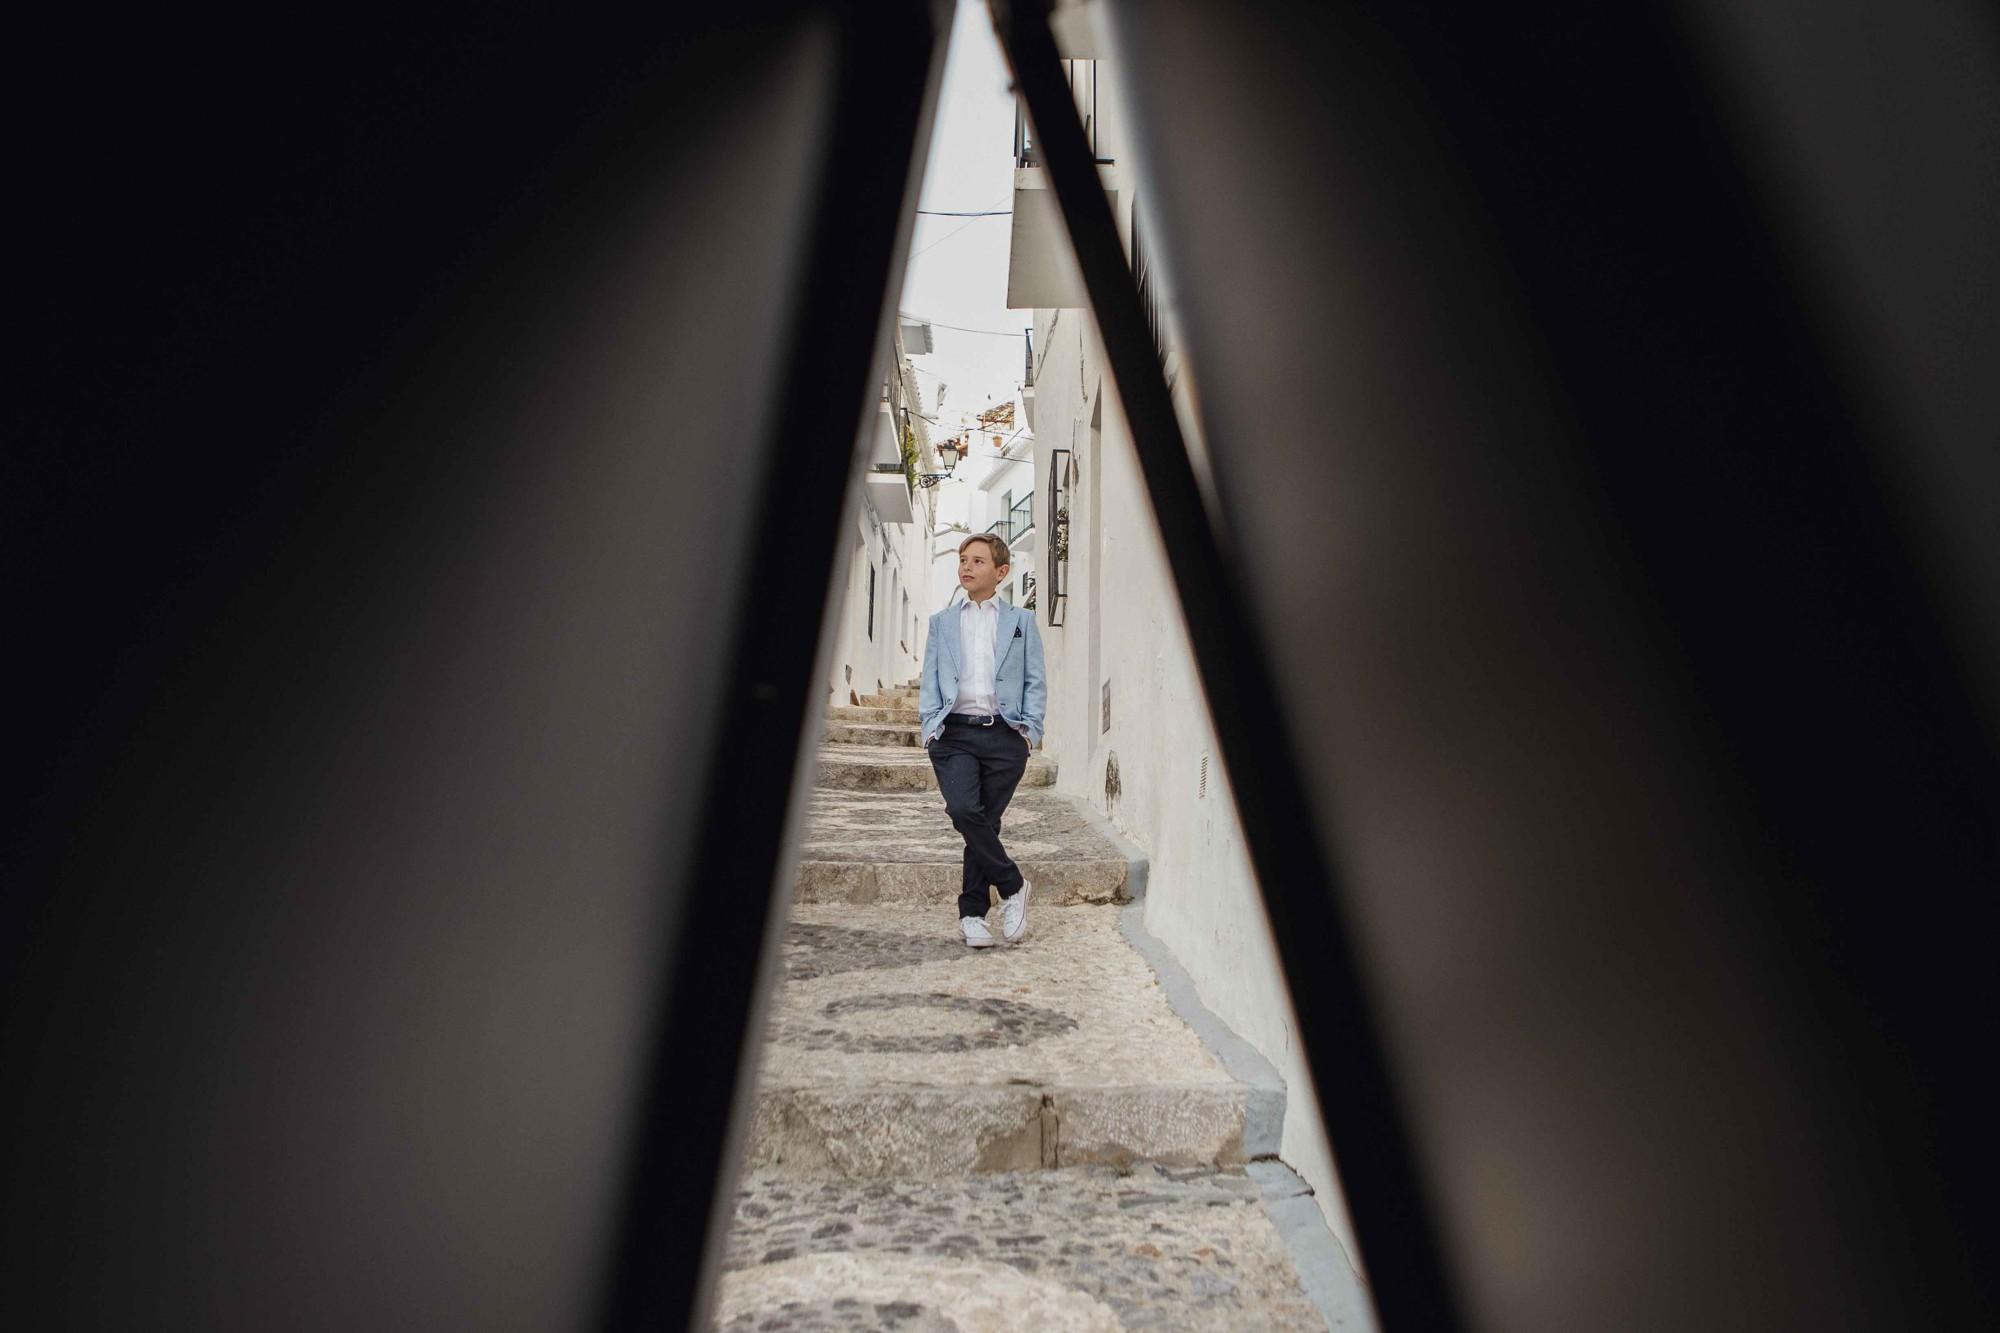 fotografos comunion malaga fotos comunion exterior Frigiliana 45